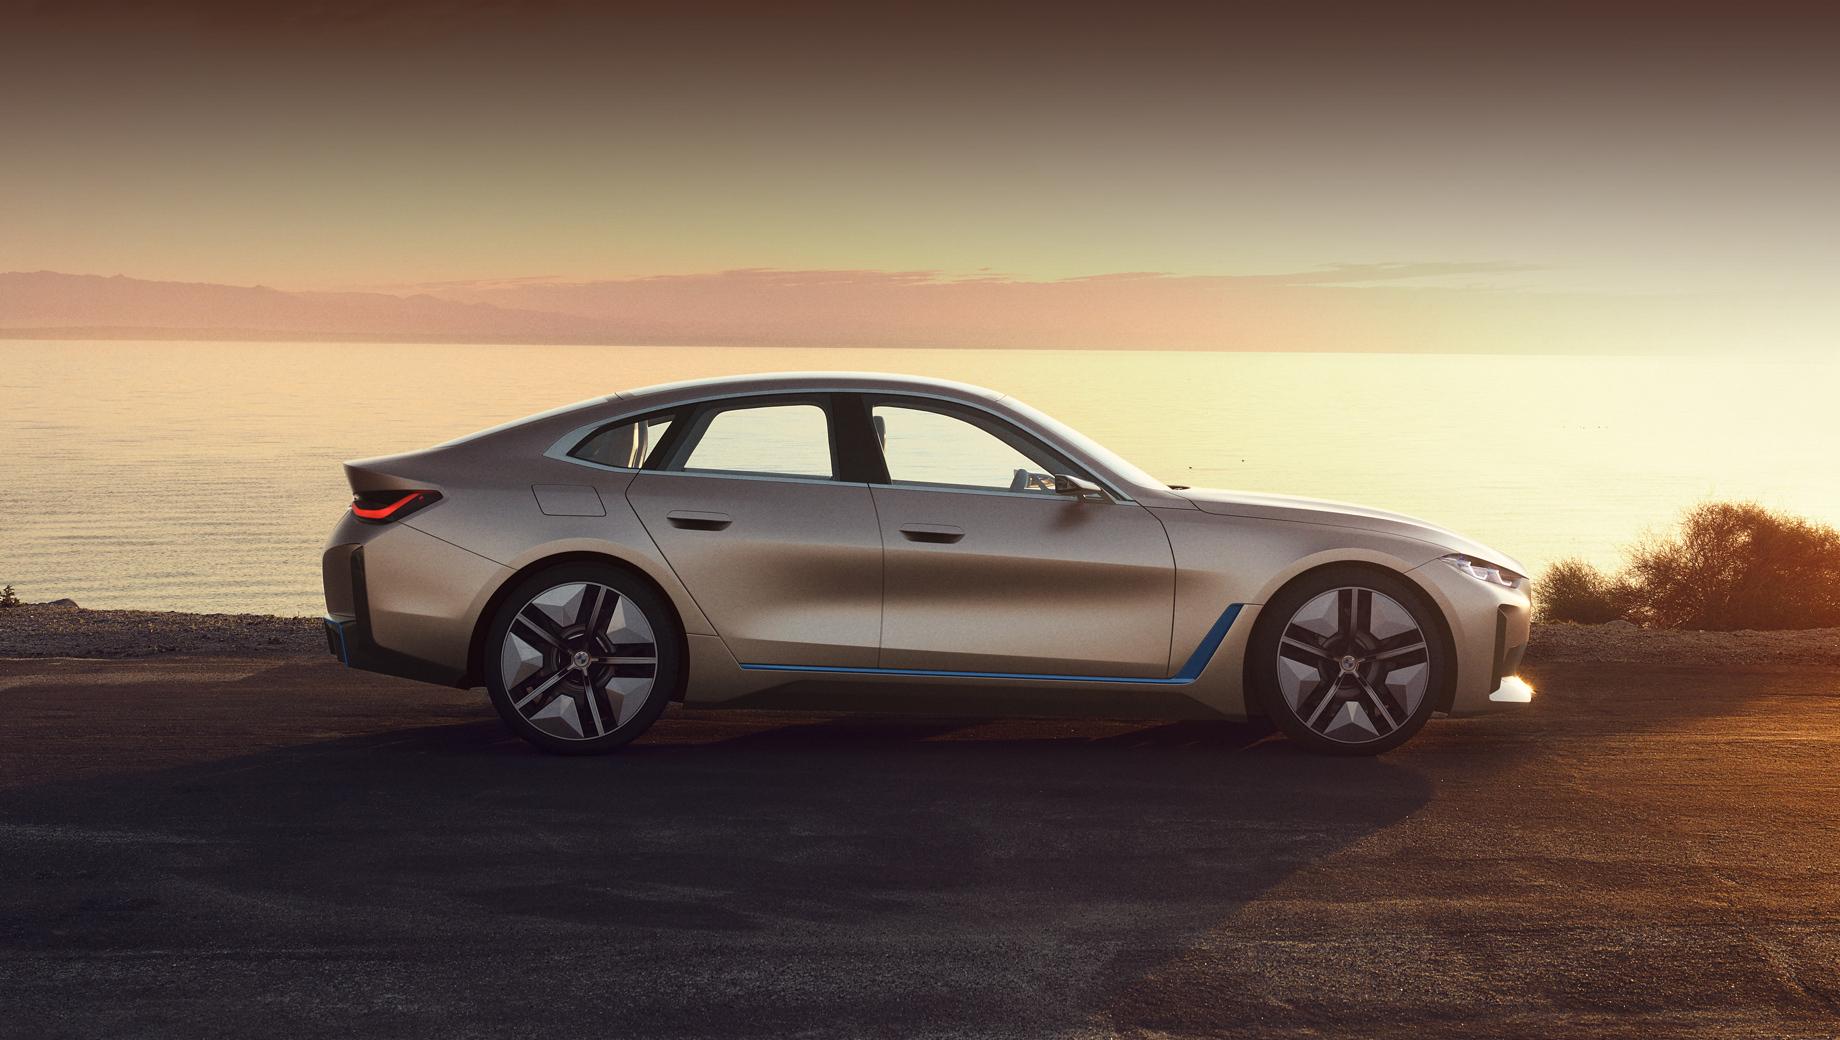 Bmw i4. Серийный i4 внешне пойдёт по стопам шоу-кара Concept i4, показанного в марте 2020-го. Дата премьеры конвейерной легковушки не названа, но немцы говорили, что на рынок i4 выйдет в 2021 году.